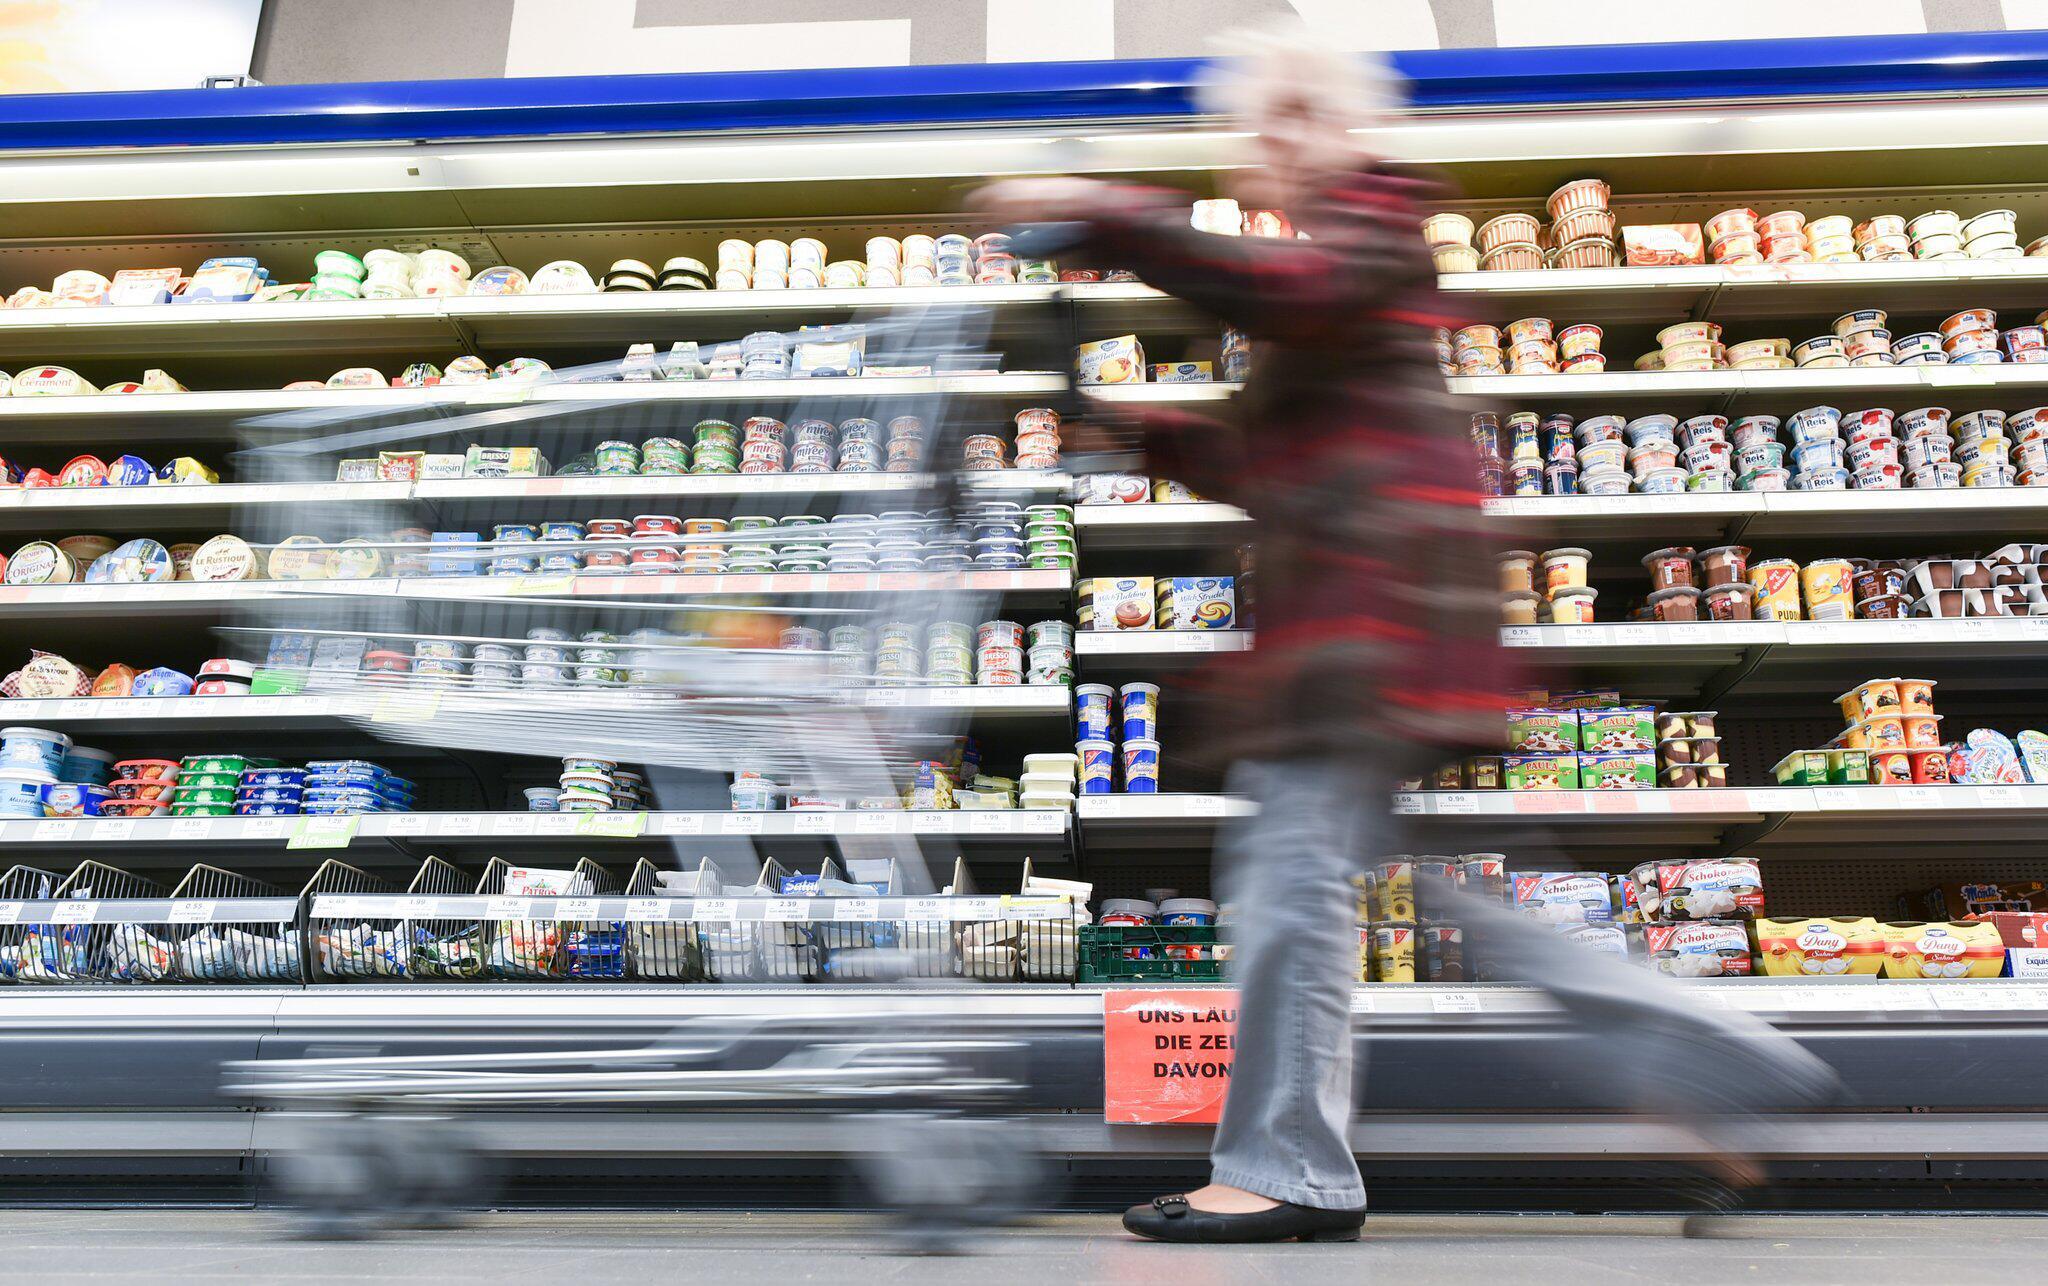 Bild zu Einkauf im Supermarkt